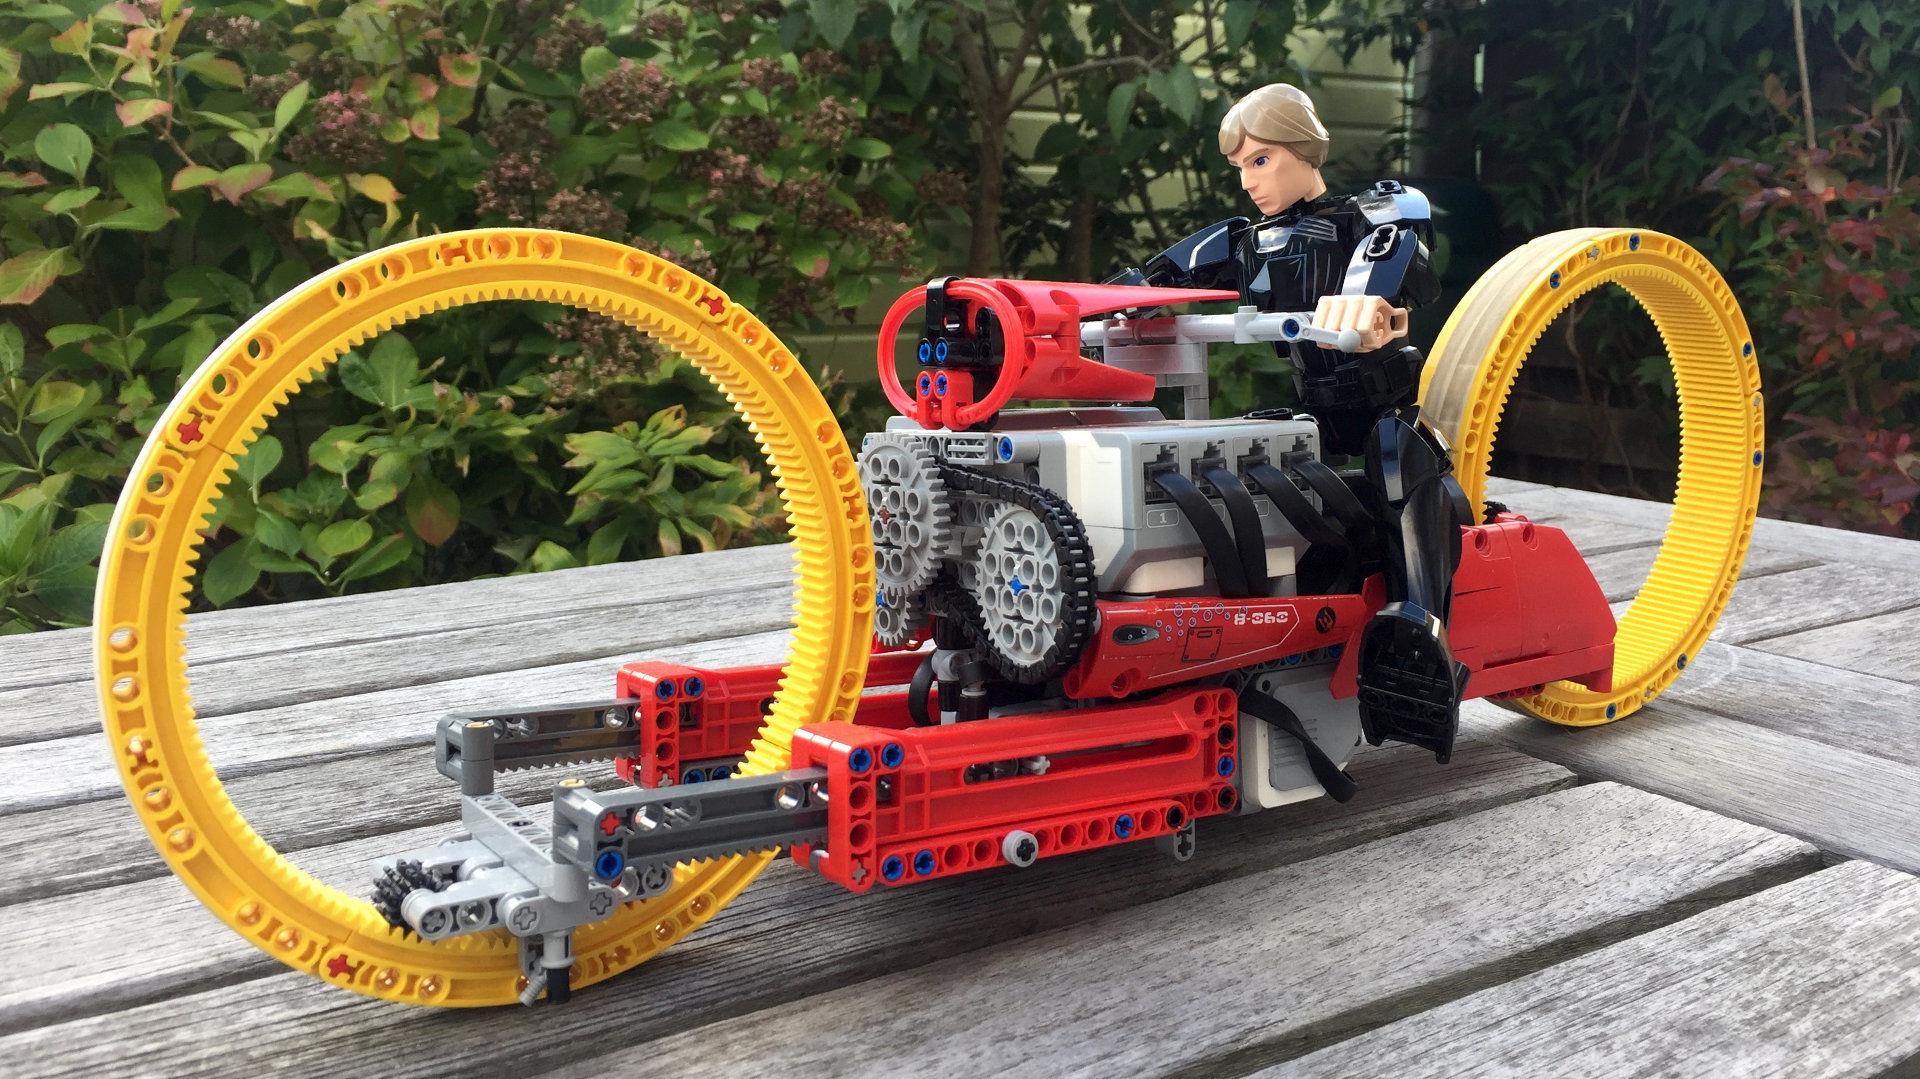 LEGO MINDSTORMS TMC Dumont building instructions